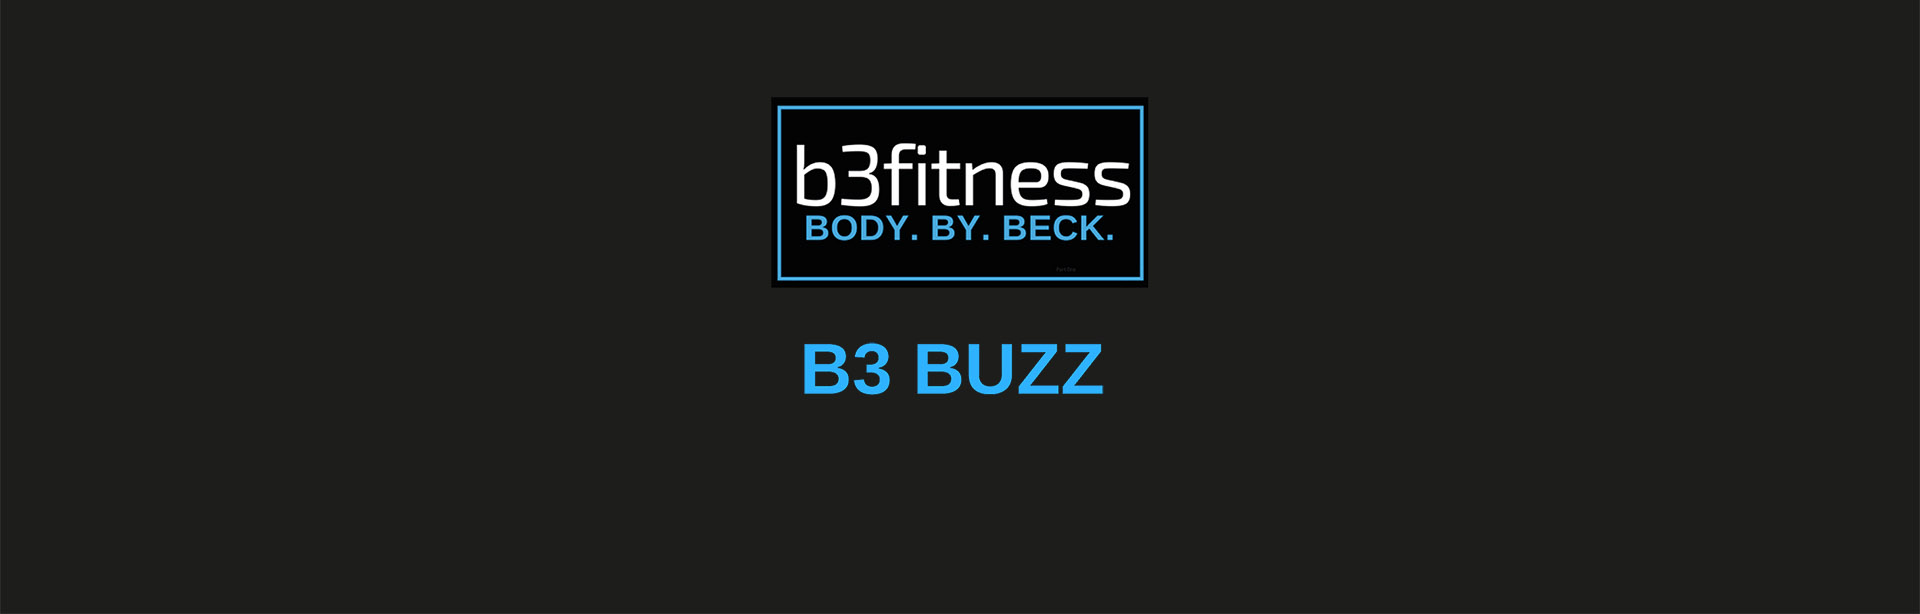 B3 Fitness November 2018 Newsletter